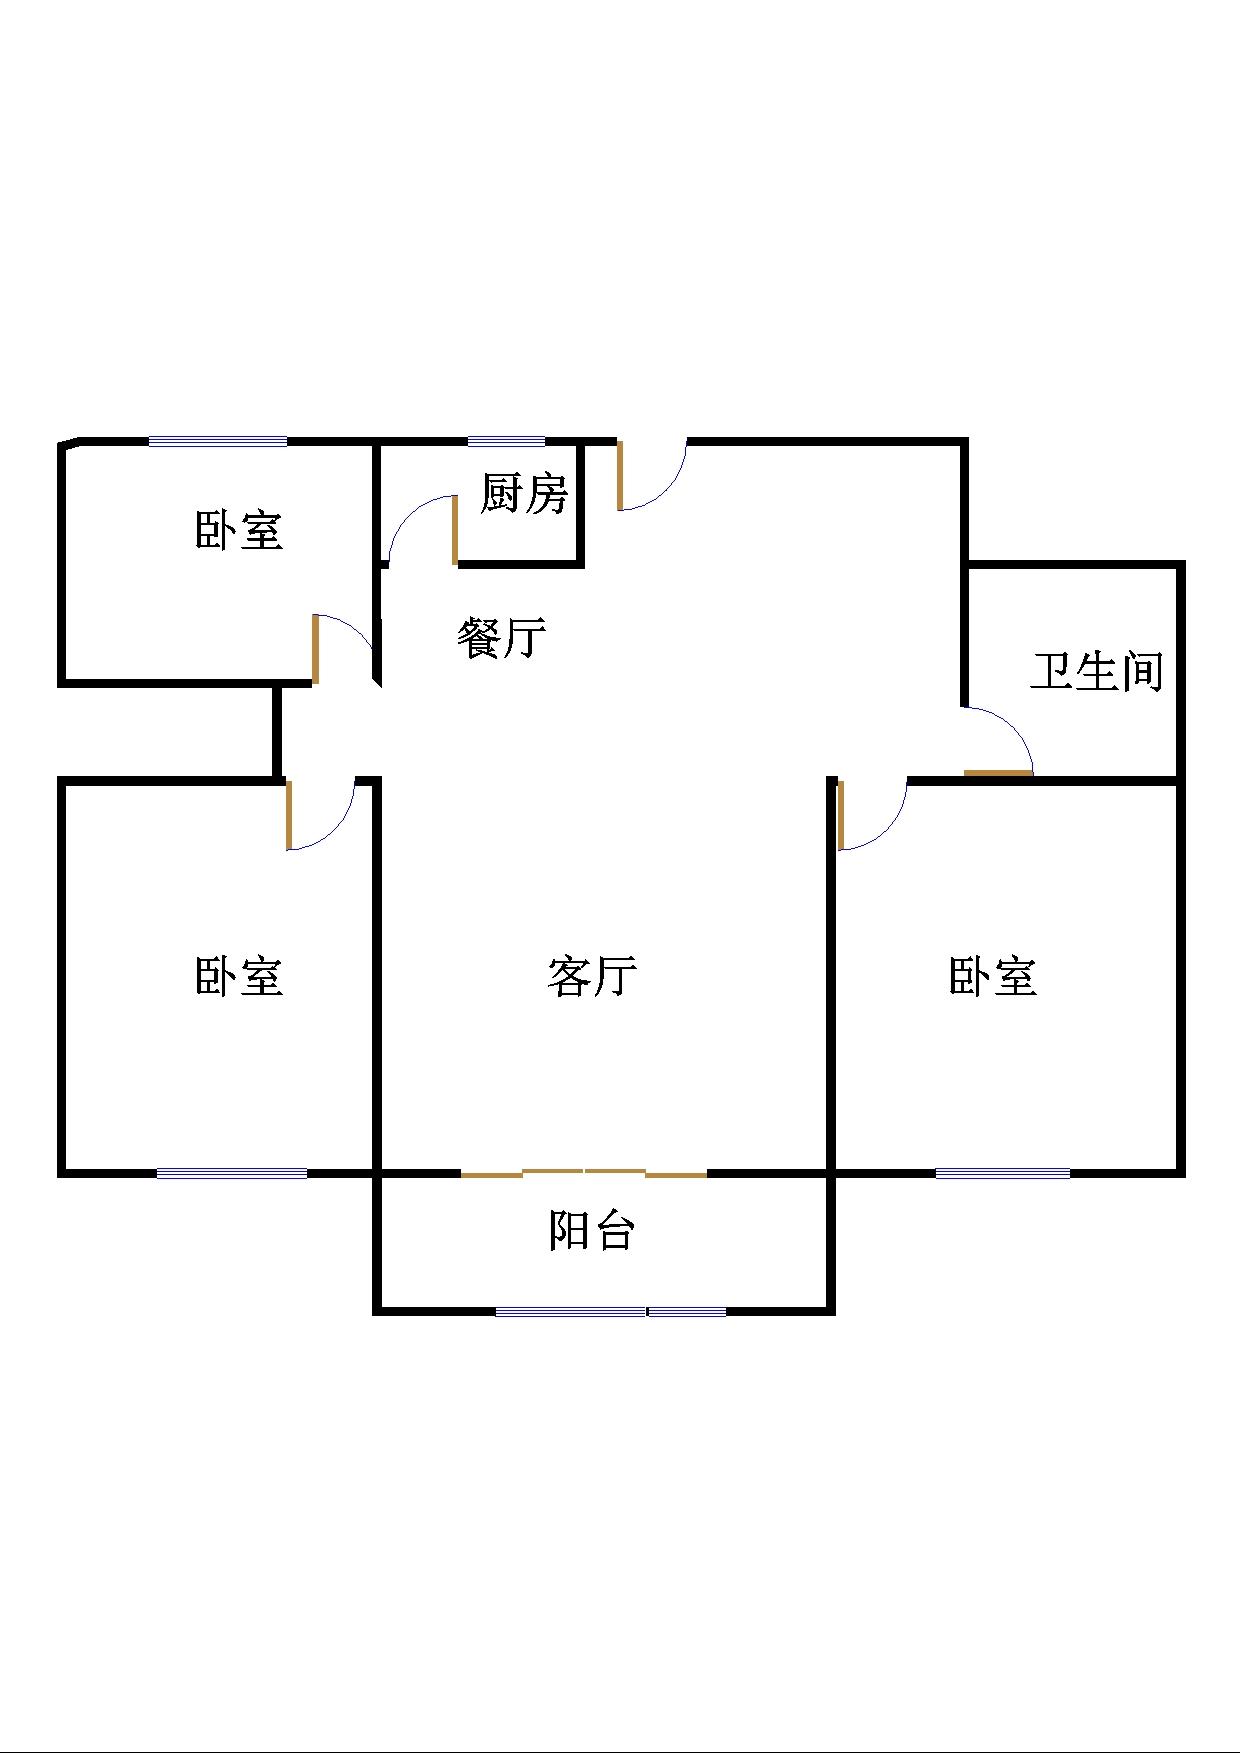 嘉城盛世 3室2厅 3楼